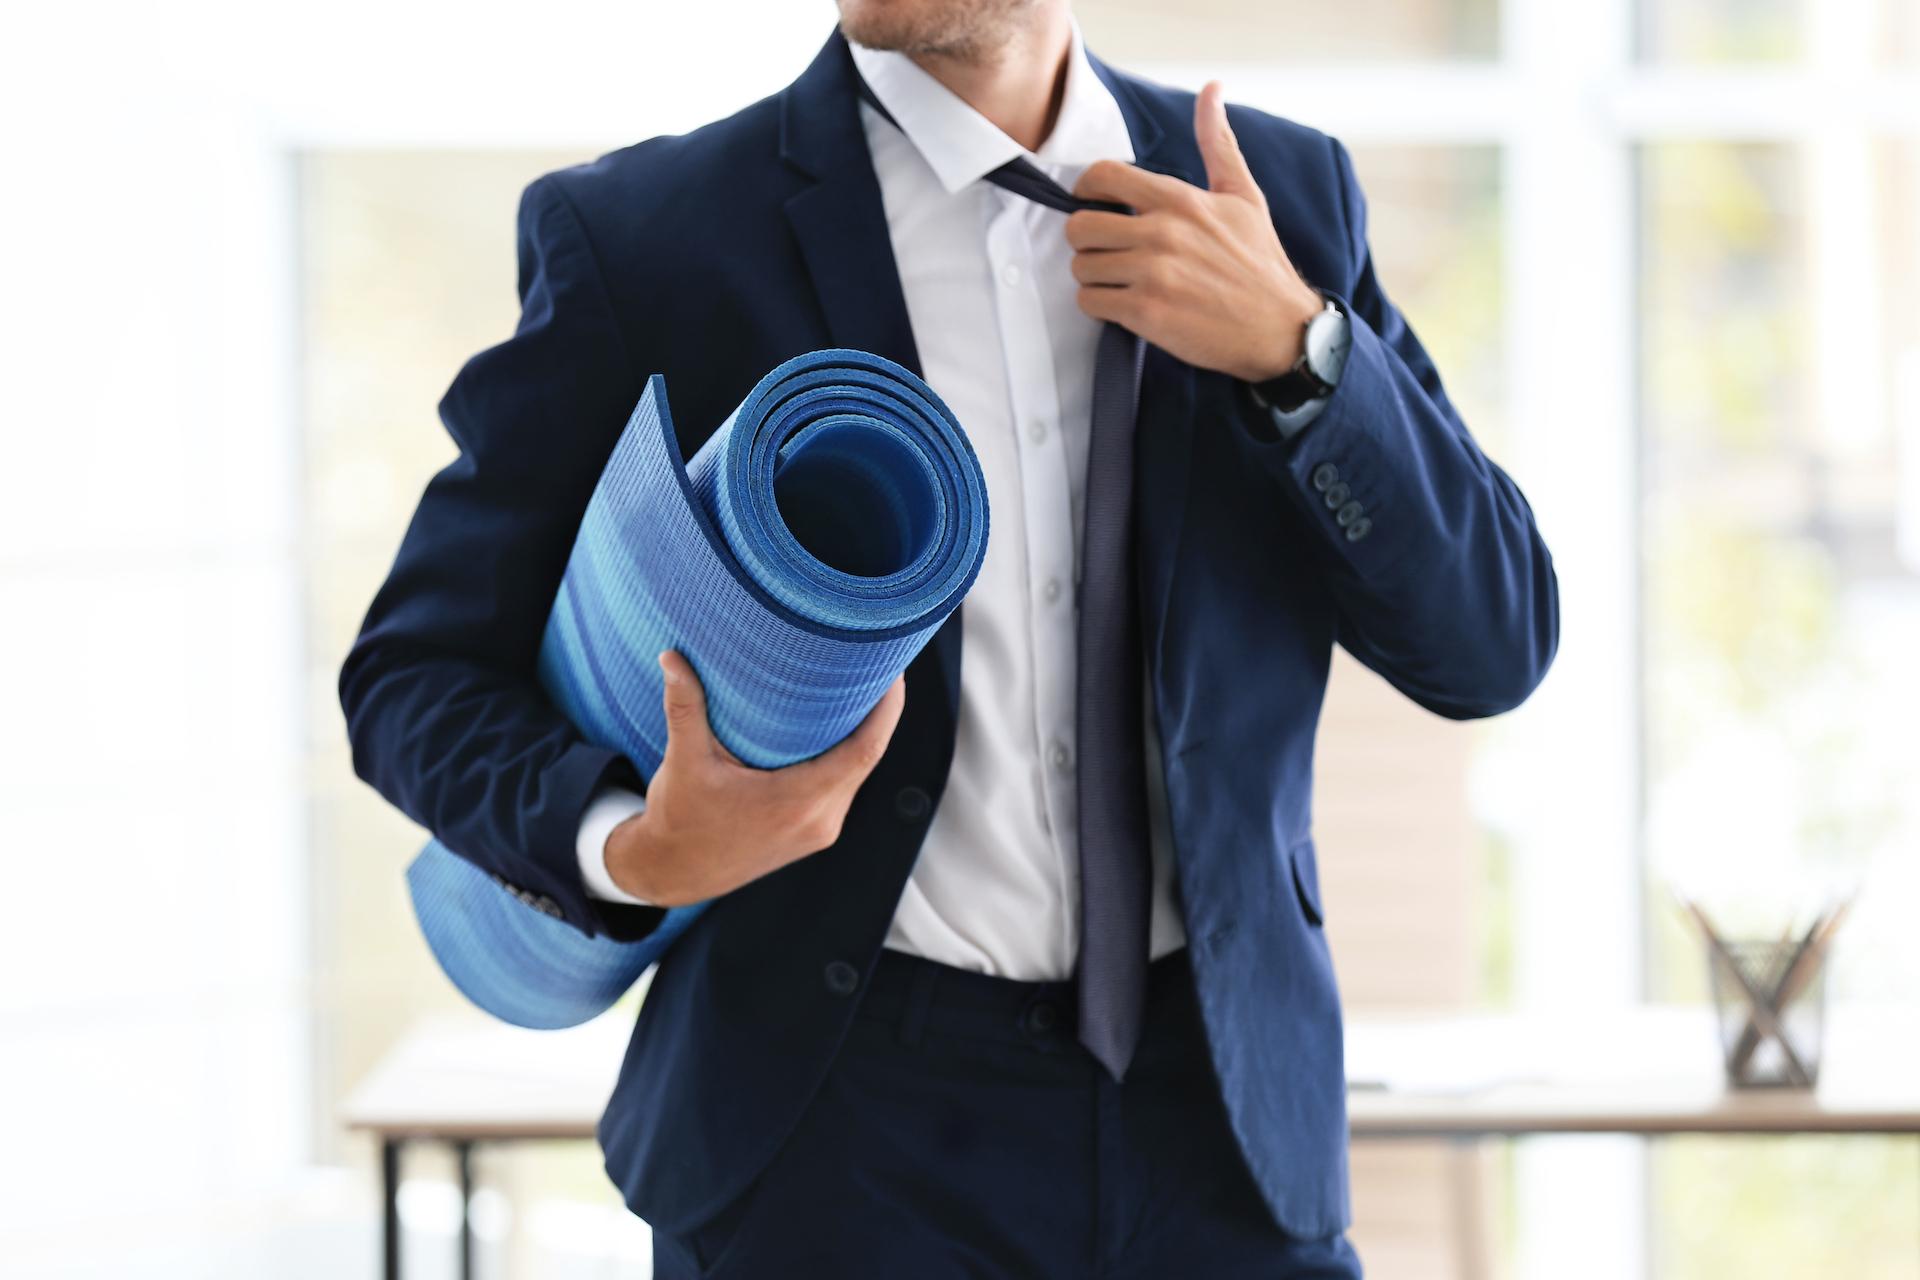 business man carrying yoga mat